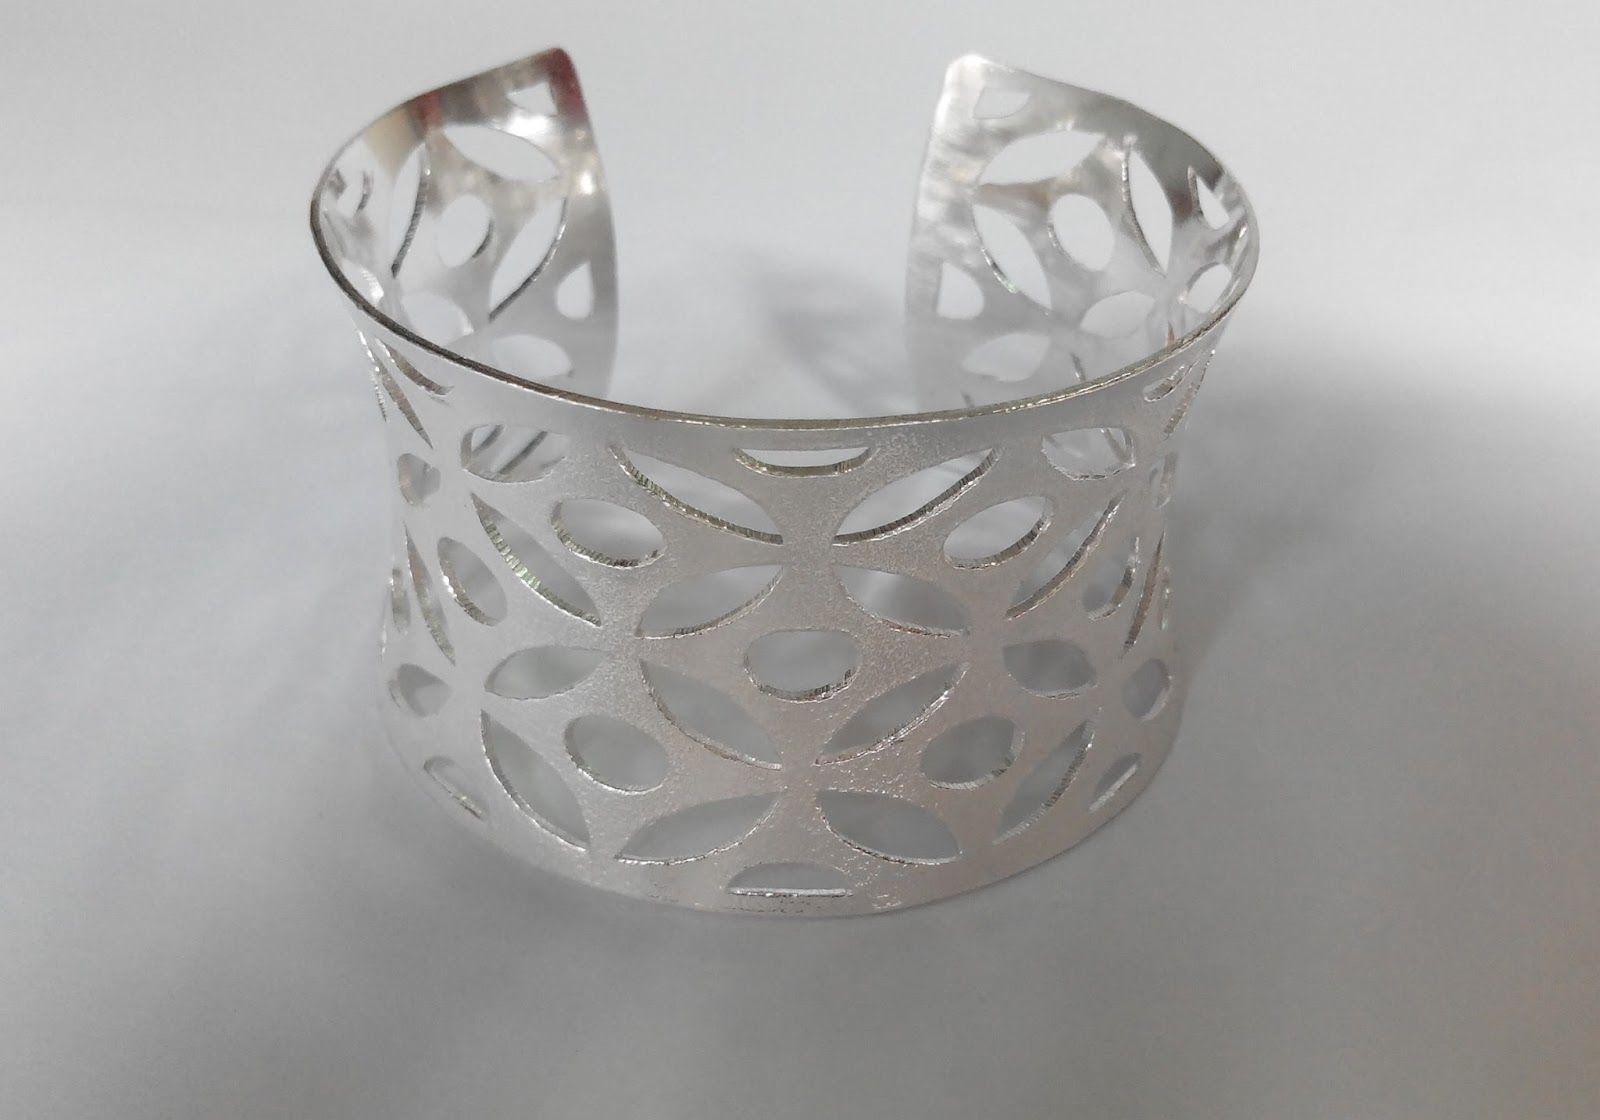 Siver cuff cuff cuff bracelet cuff for woman gold cuff bracelet